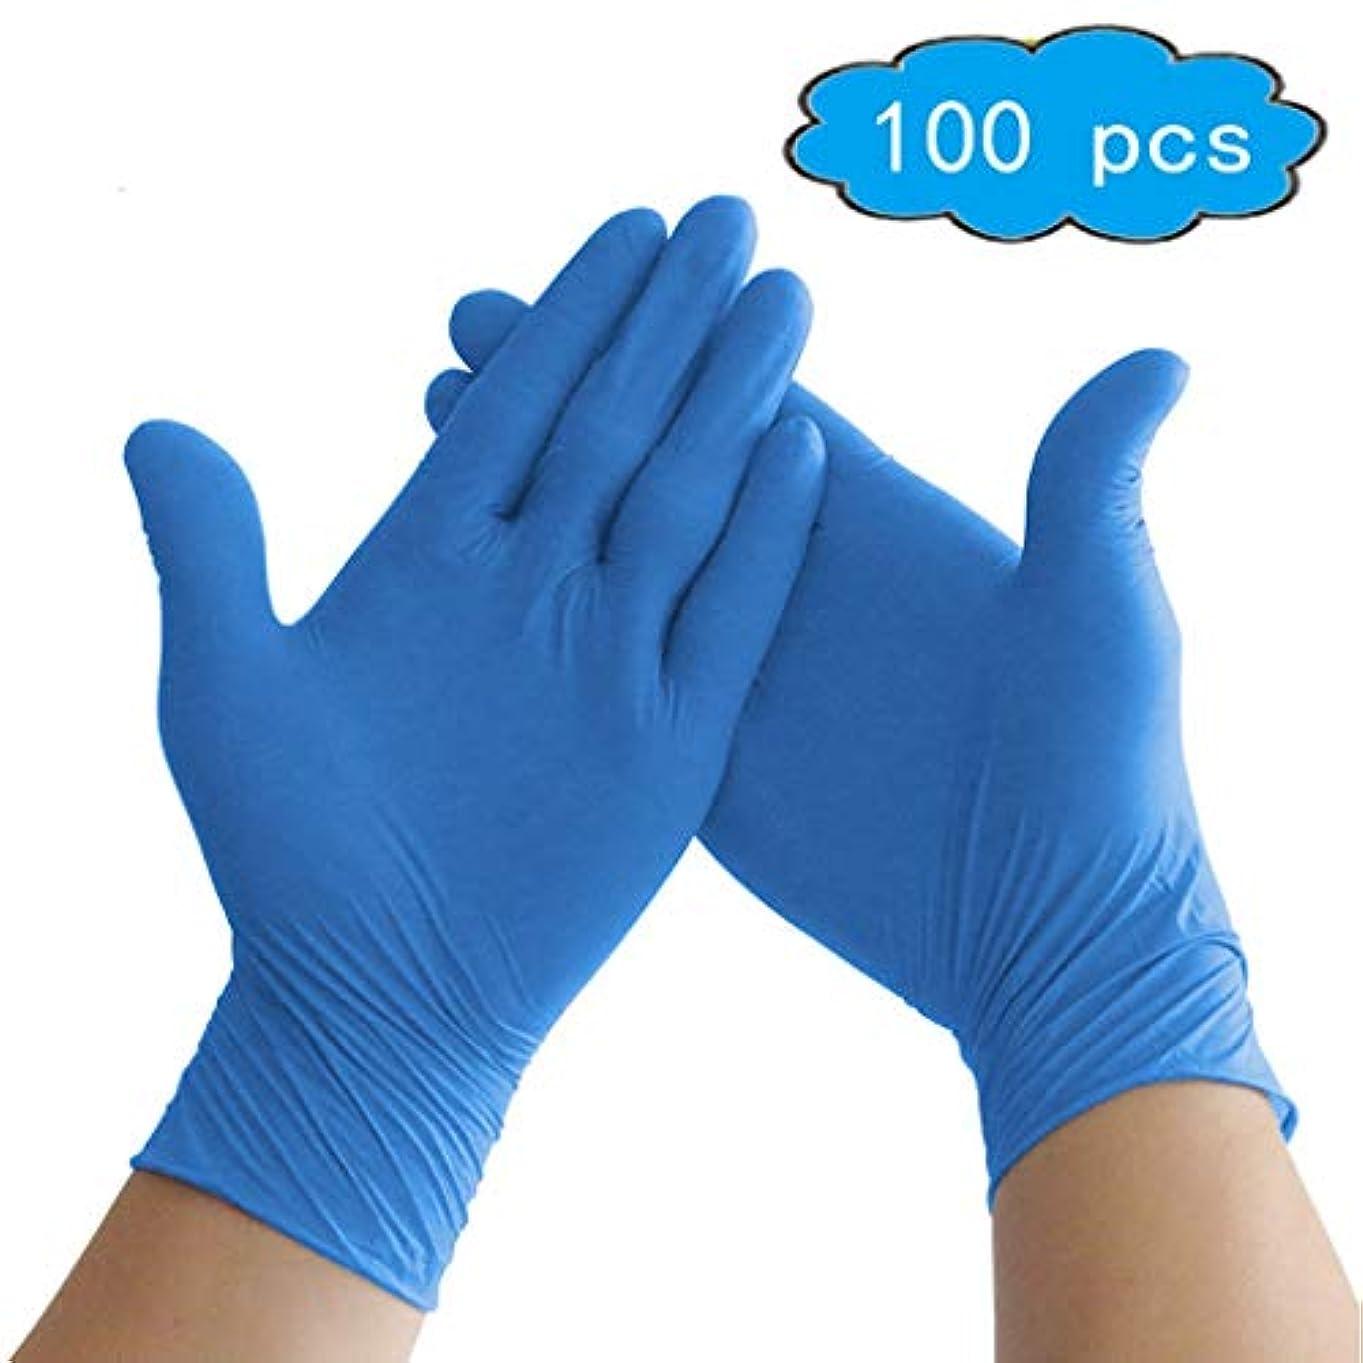 注入類人猿哲学ニトリル手袋工業、パウダーフリー、使い捨て、ブルー(100箱)衛生手袋 (Color : Blue, Size : S)